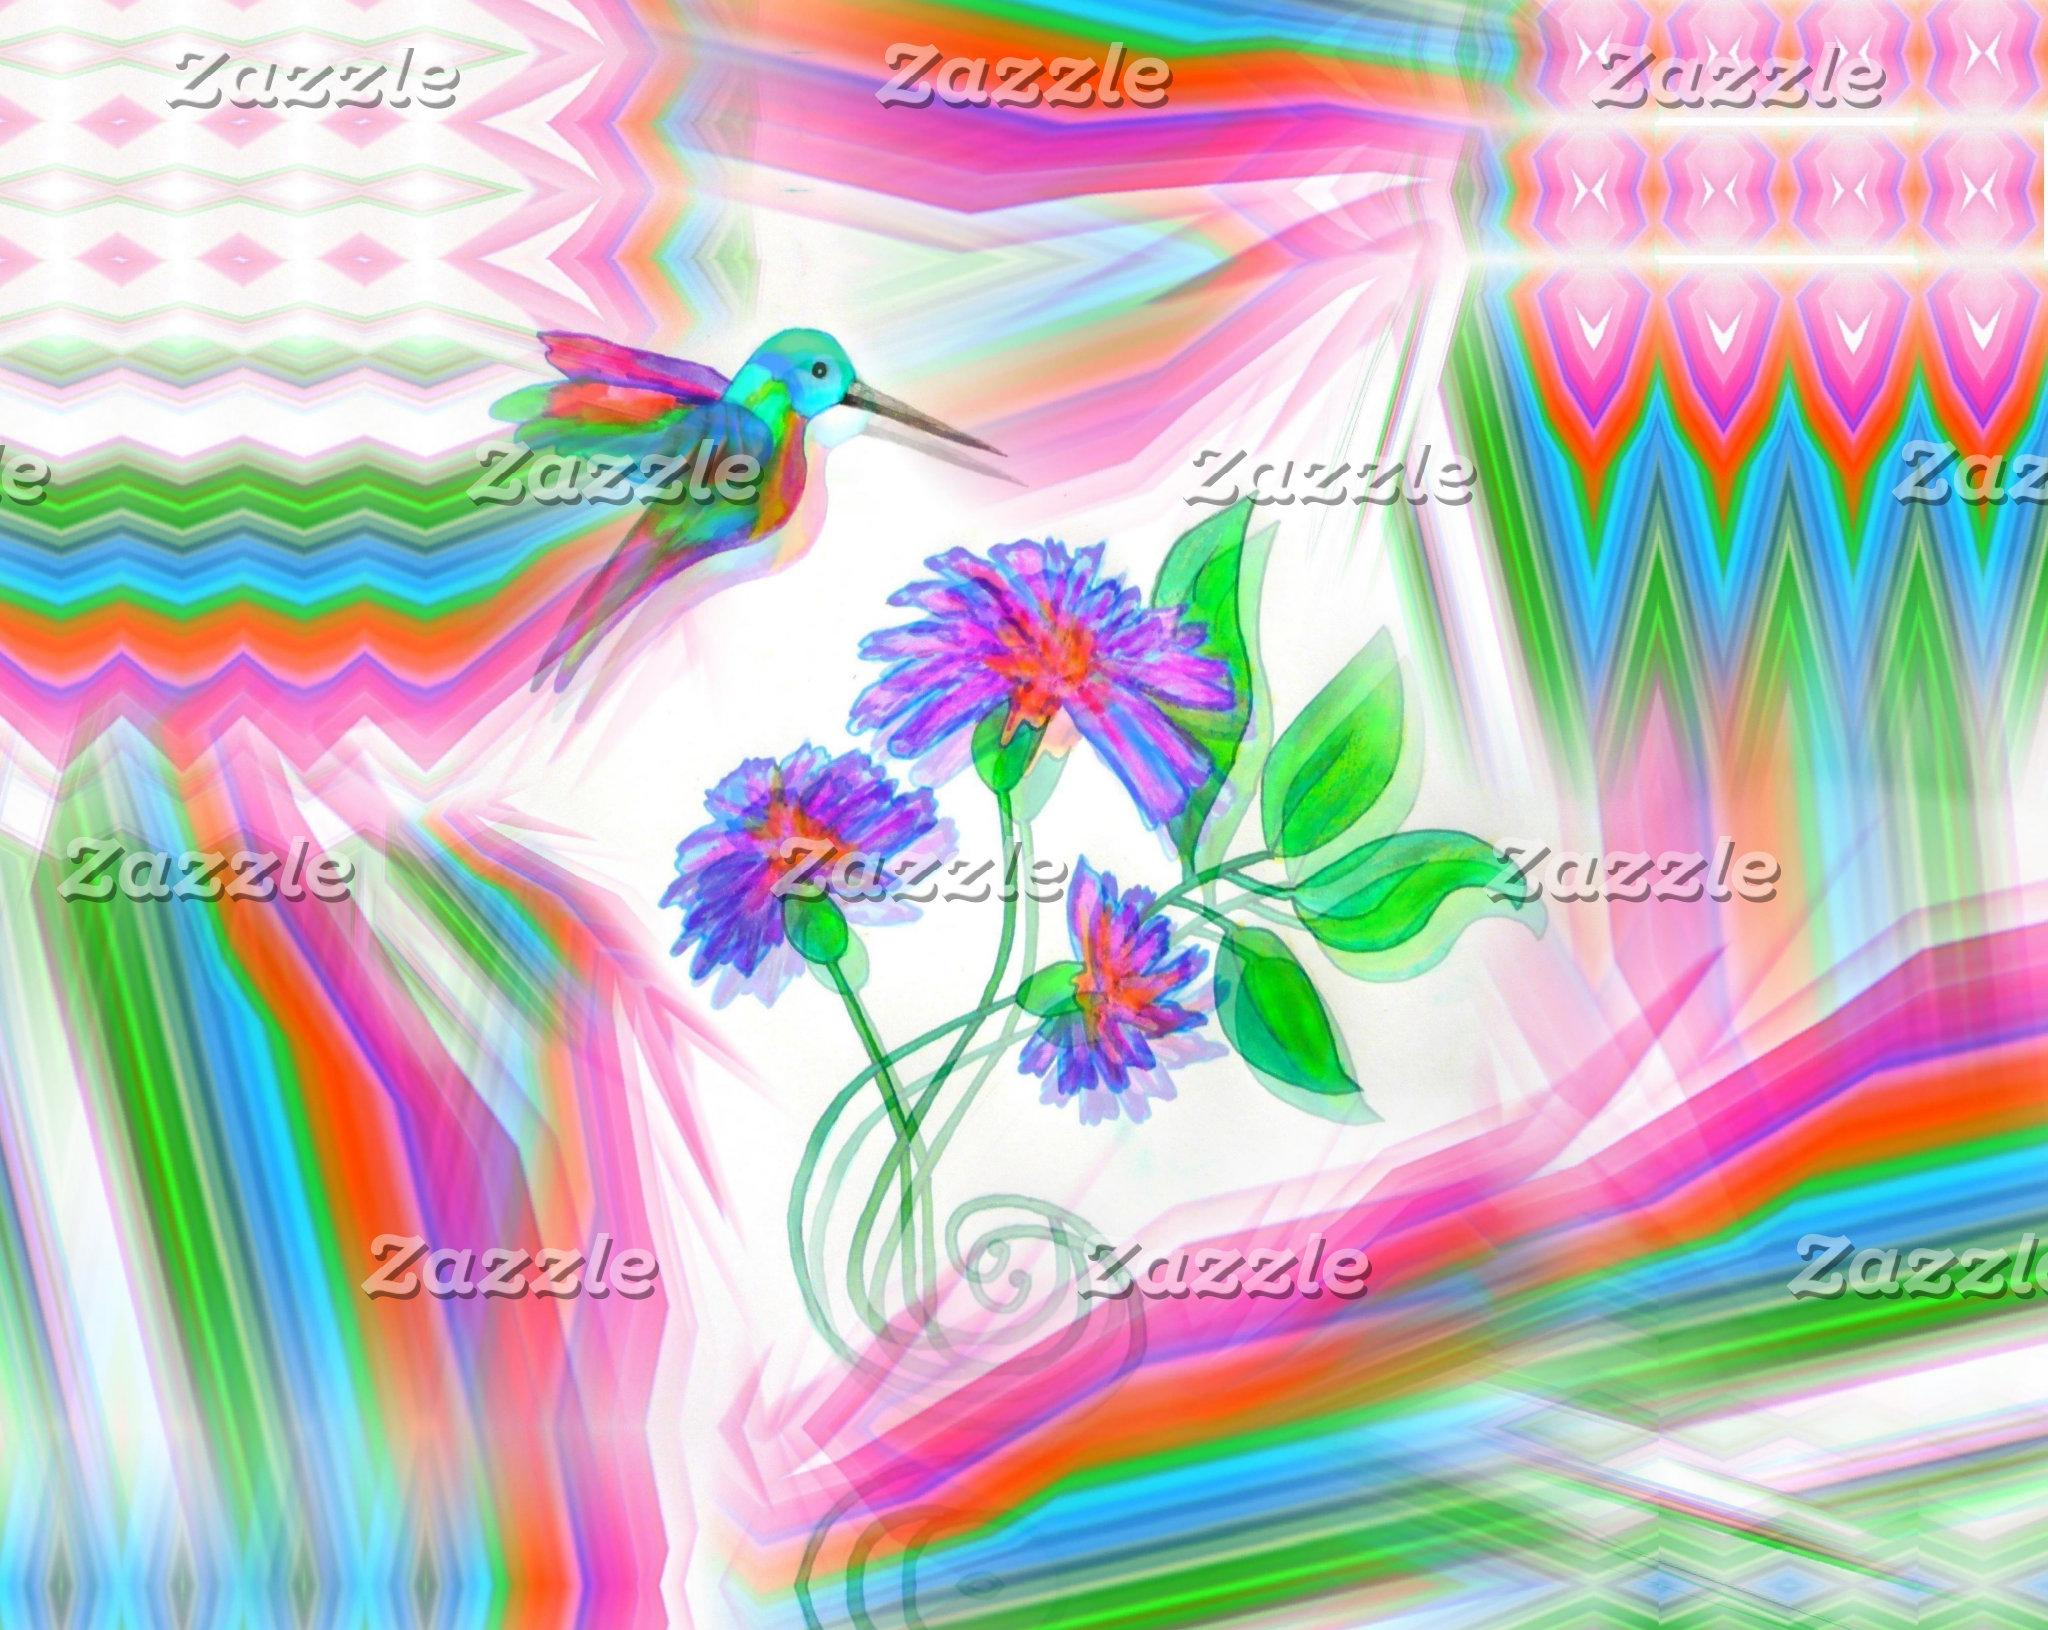 Hummingbird Flight Kaleidoscope